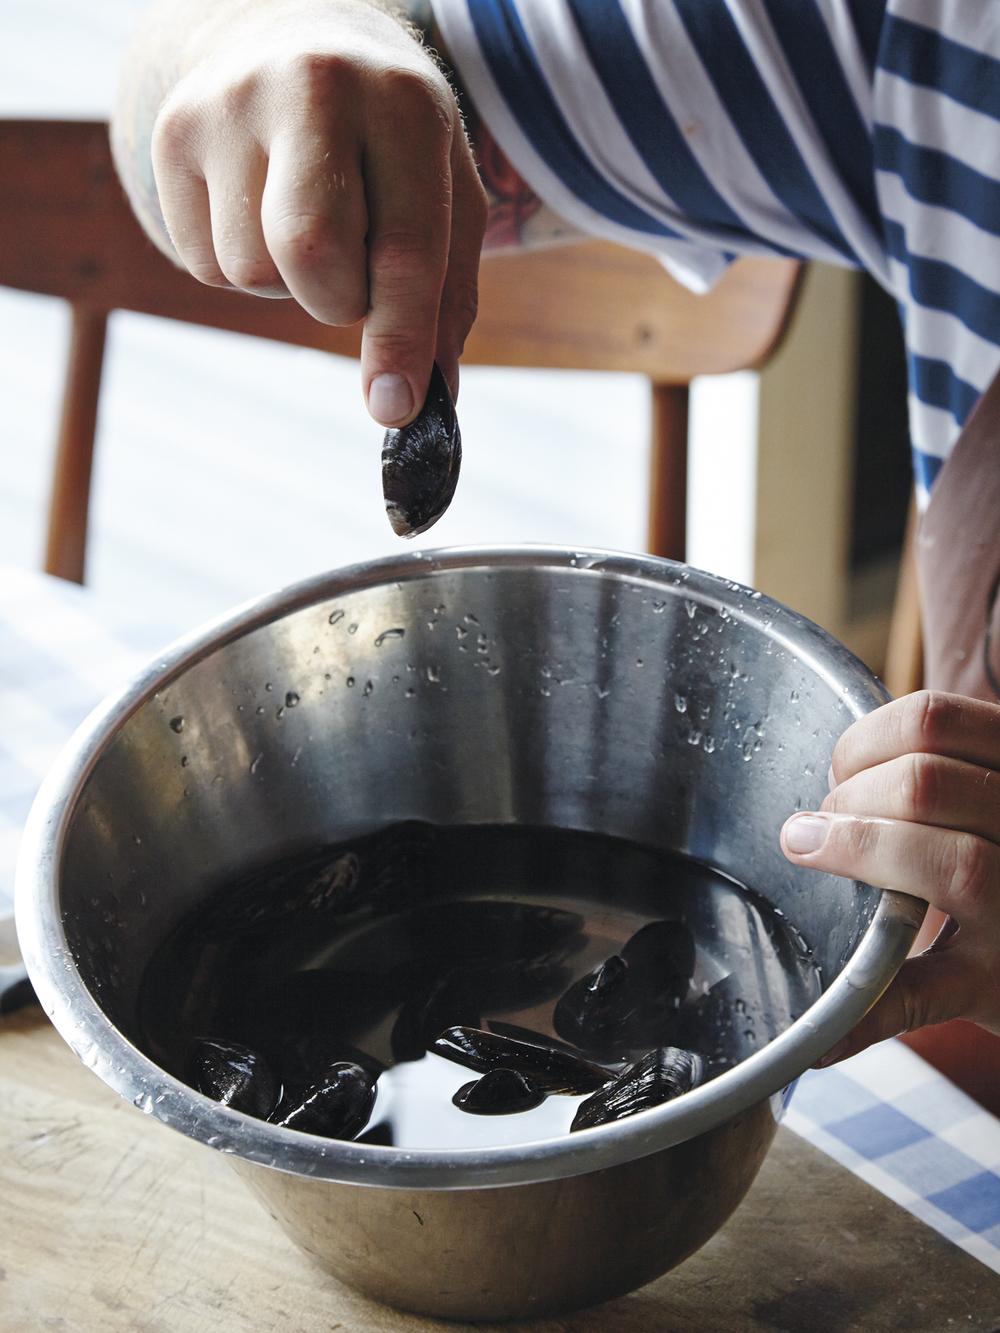 1. Ha skjellene i en balje med vann.